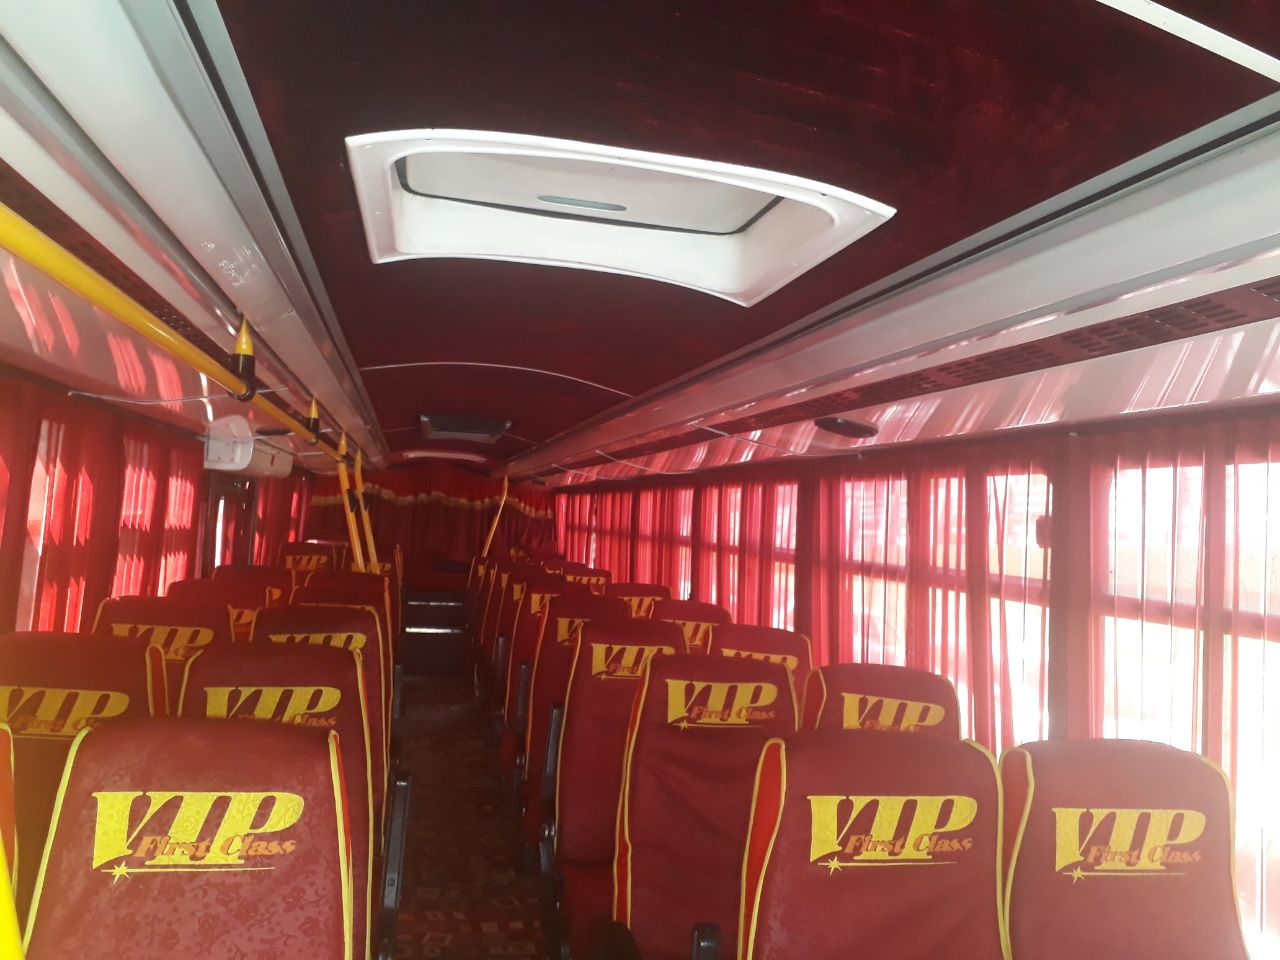 کرایه اتوبوس واحد گشت (کرایه اتوبوس بهشت زهرا)